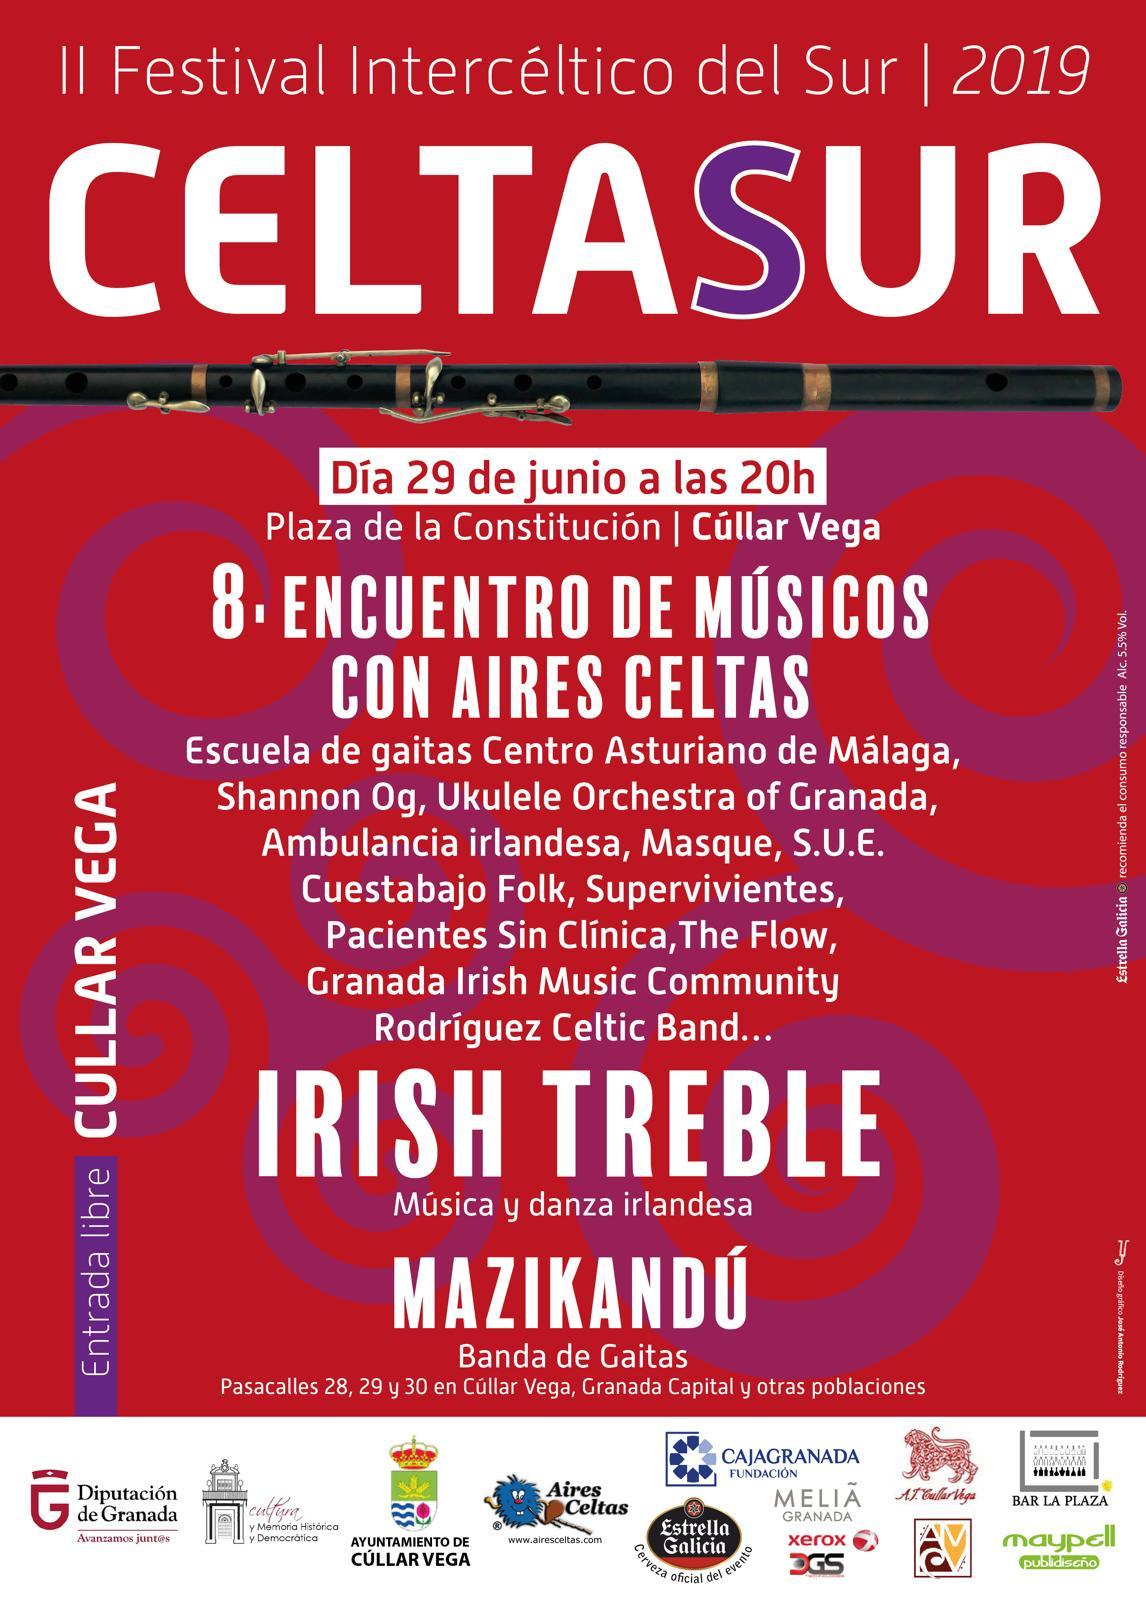 Segunda edición del Festival Intercéltico del Sur CELTASUR en Cúllar Vega